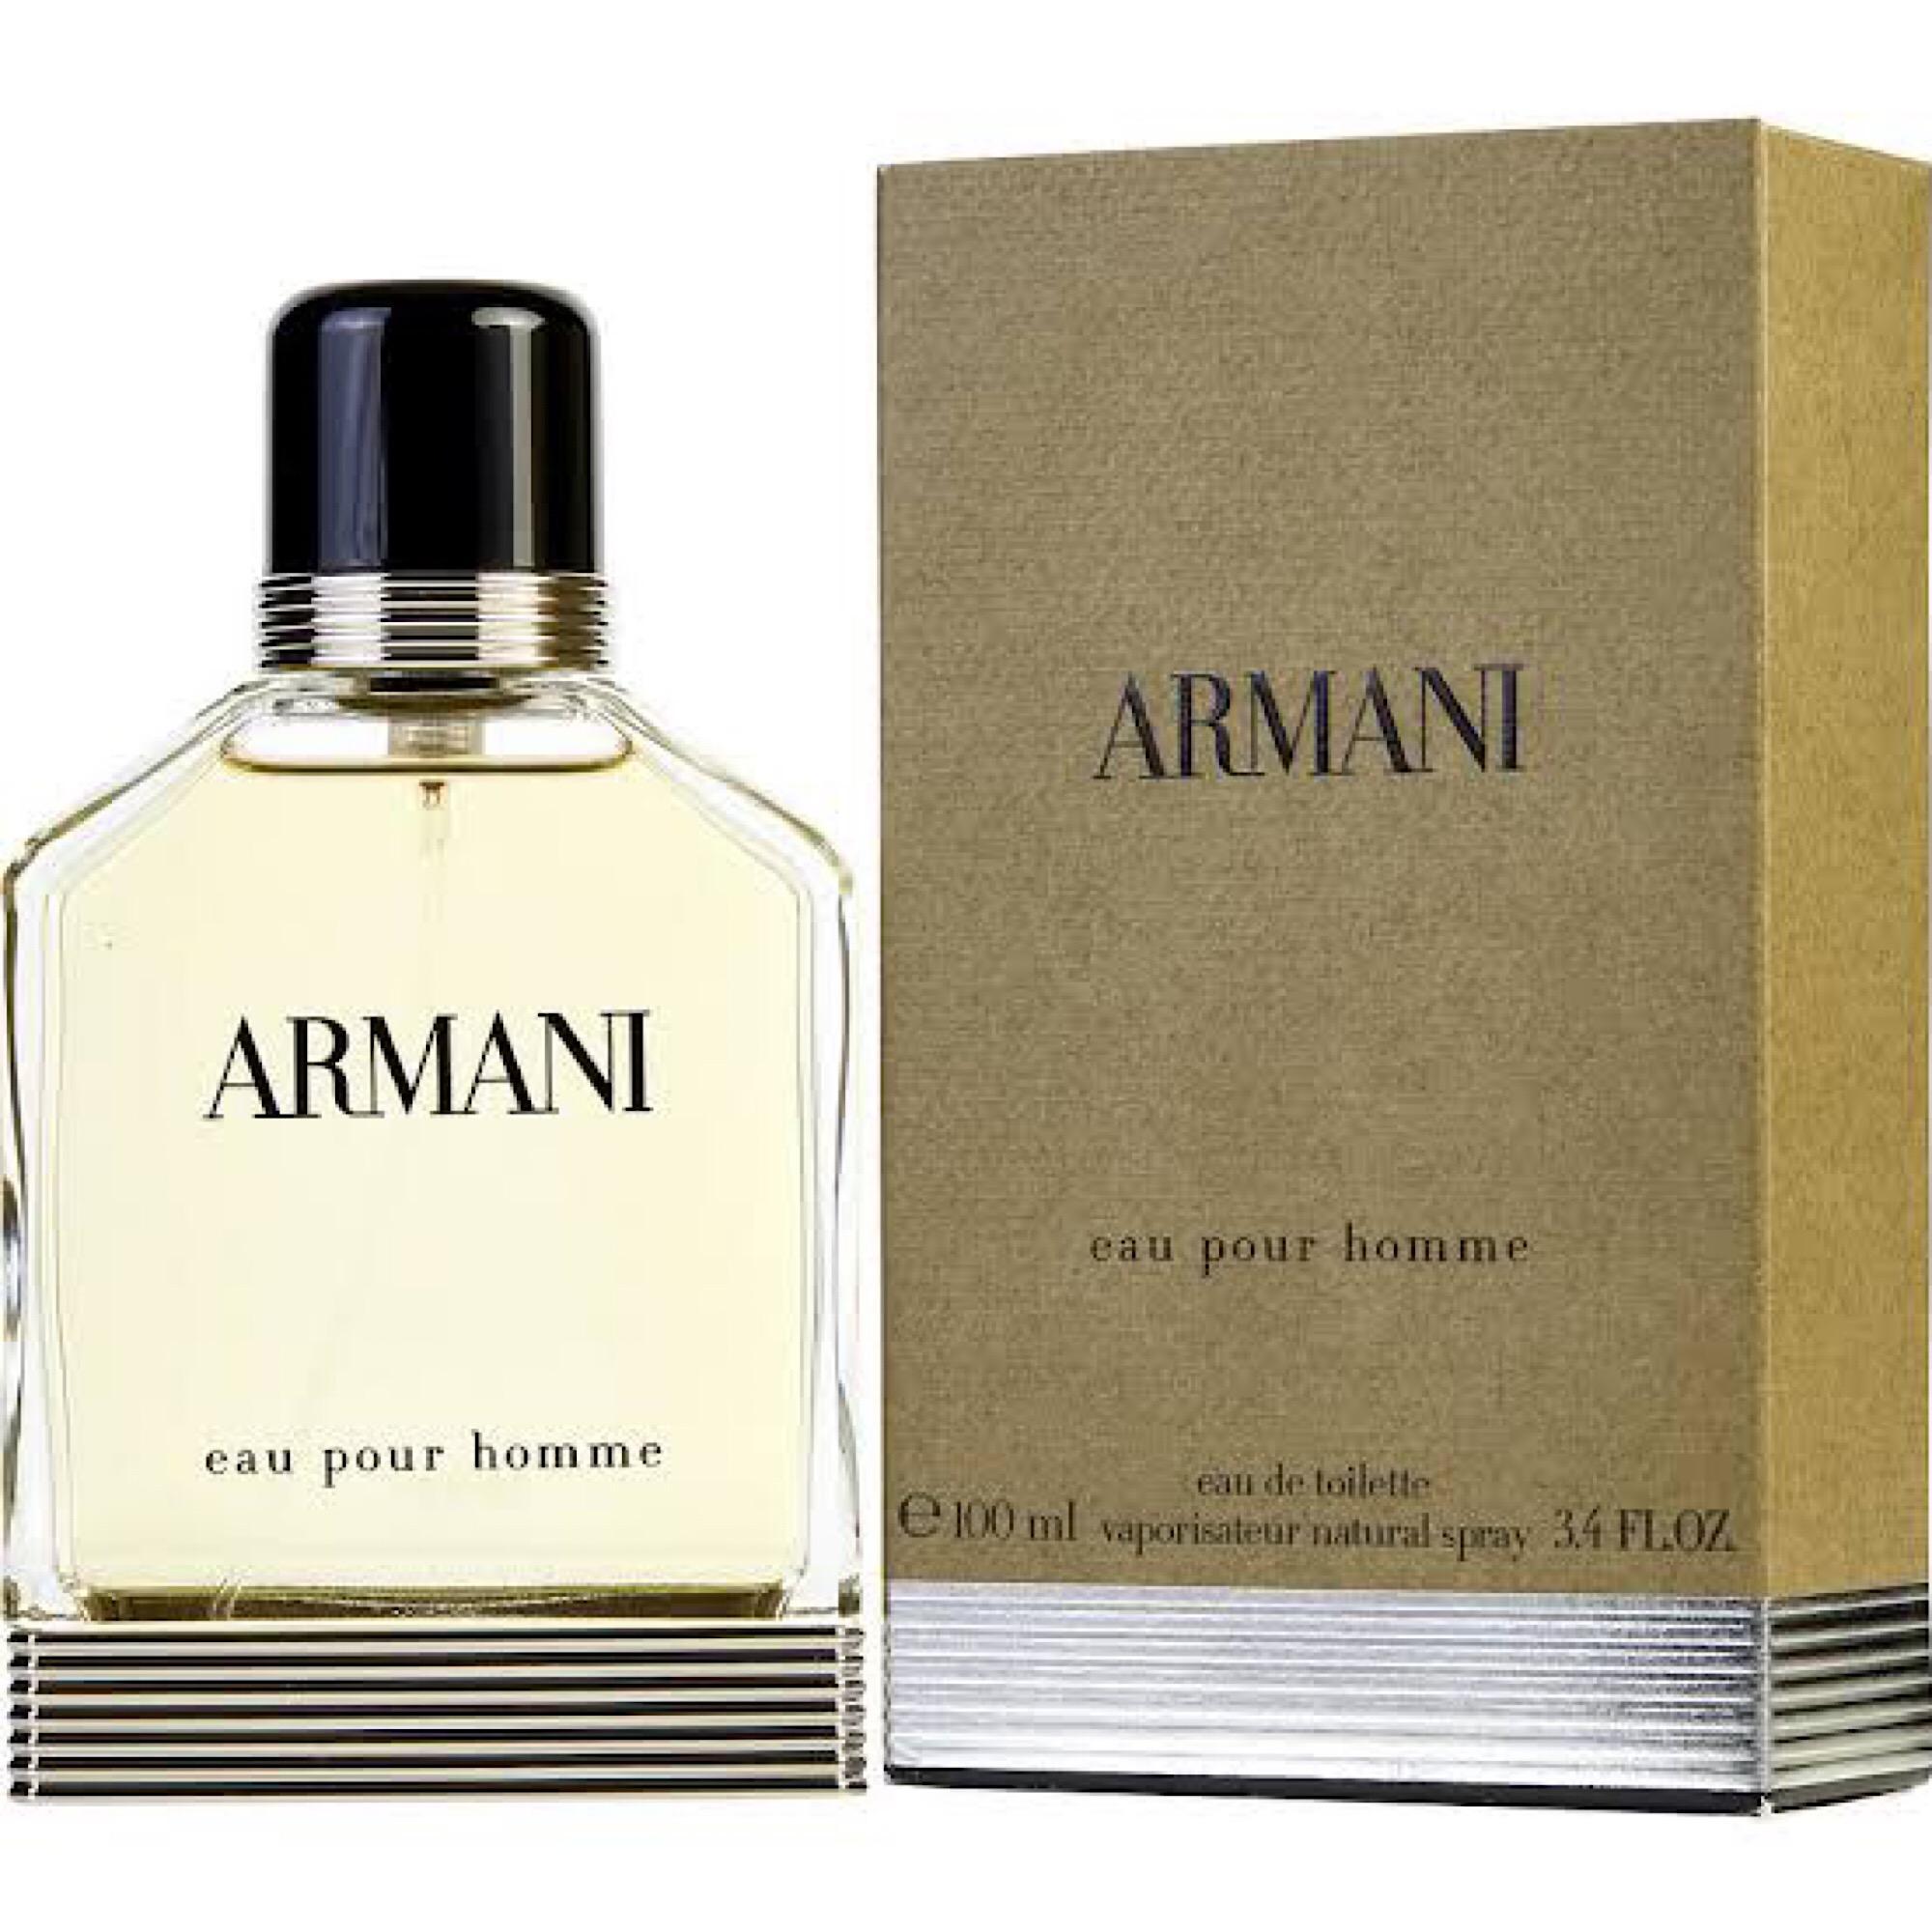 Exchange armani perfume for men photo rare photo